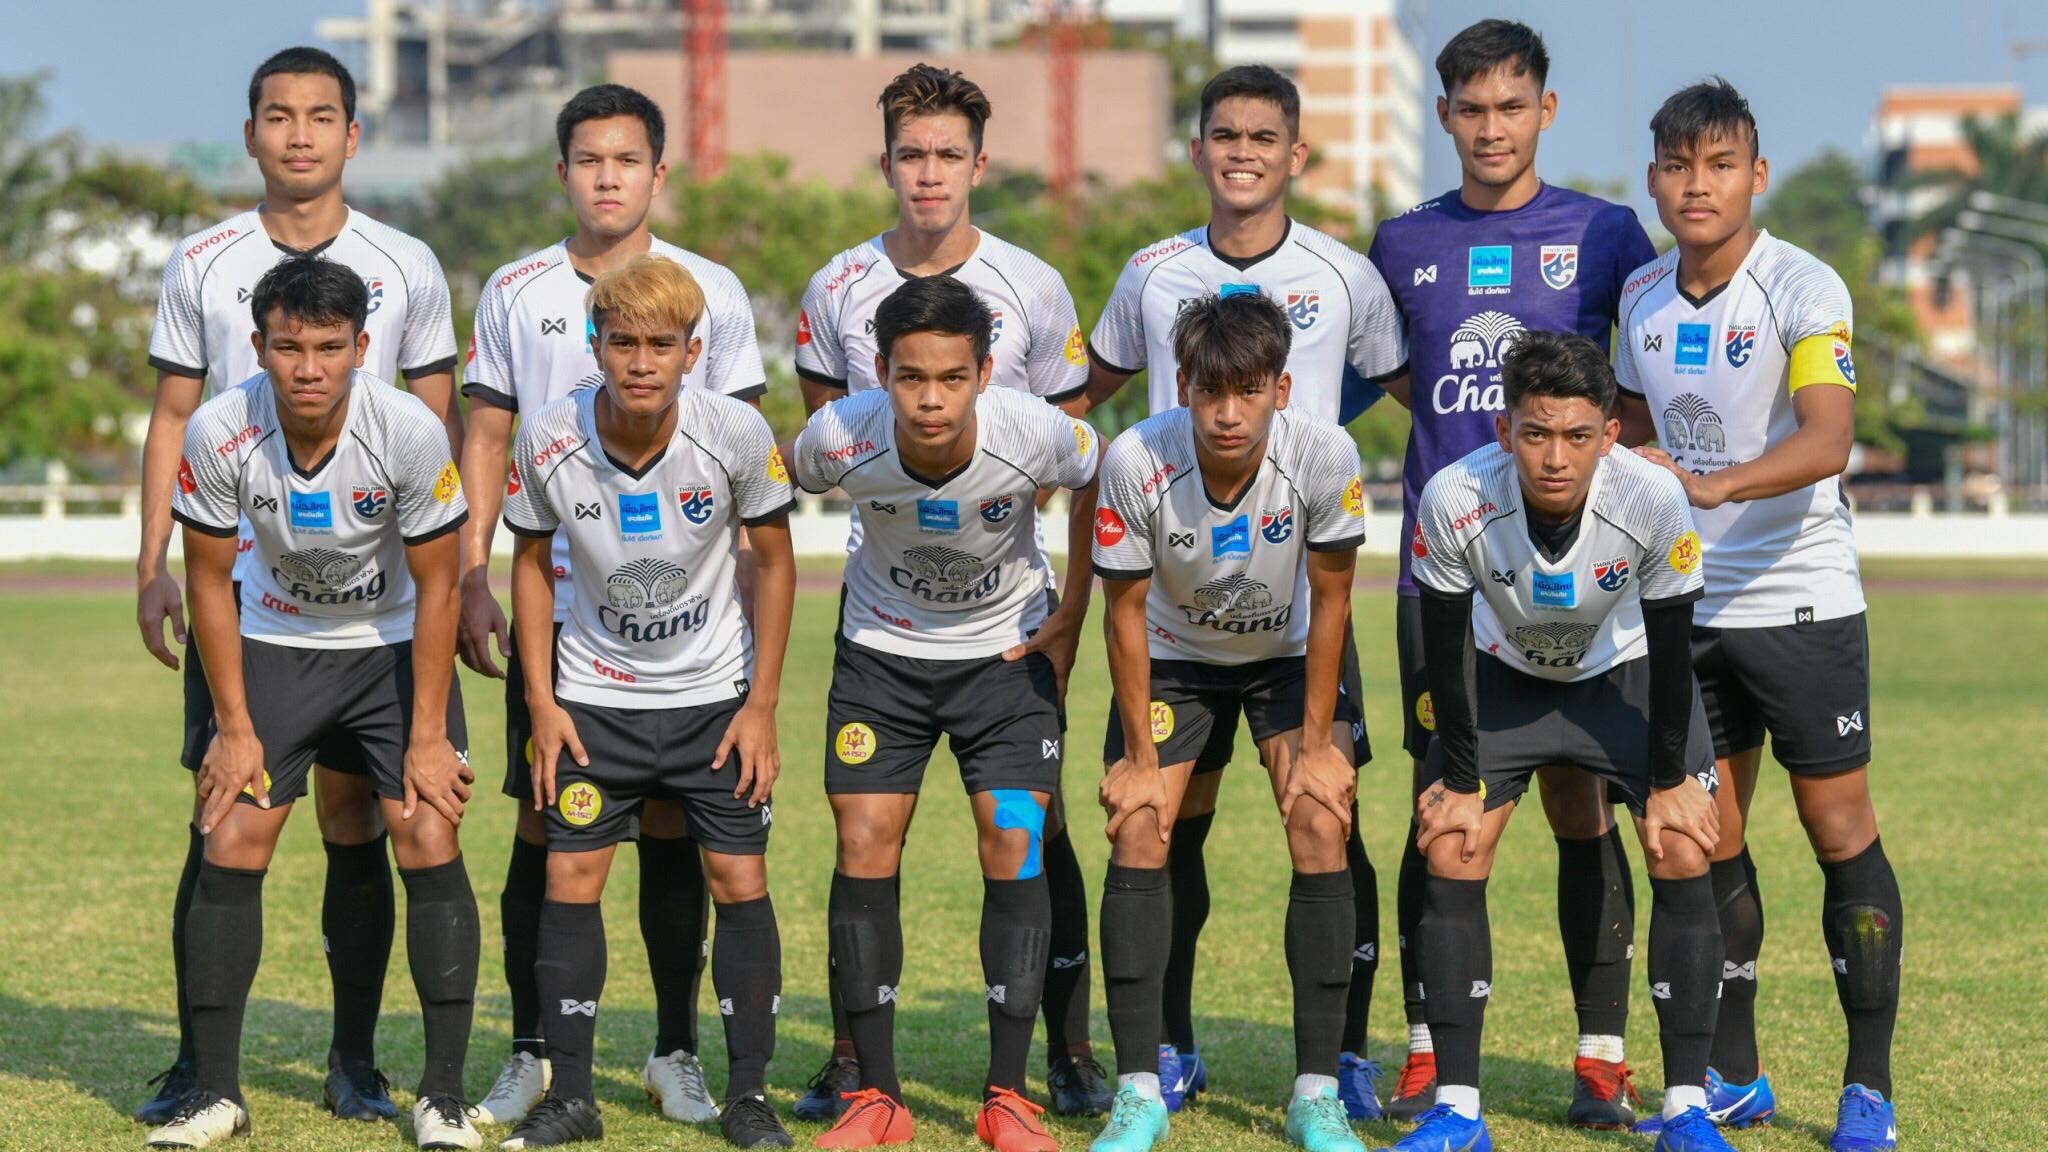 ชิงแชมป์อาเซียน 2019 ทีมชาติไทย U22 อเล็กซานเดร กามา